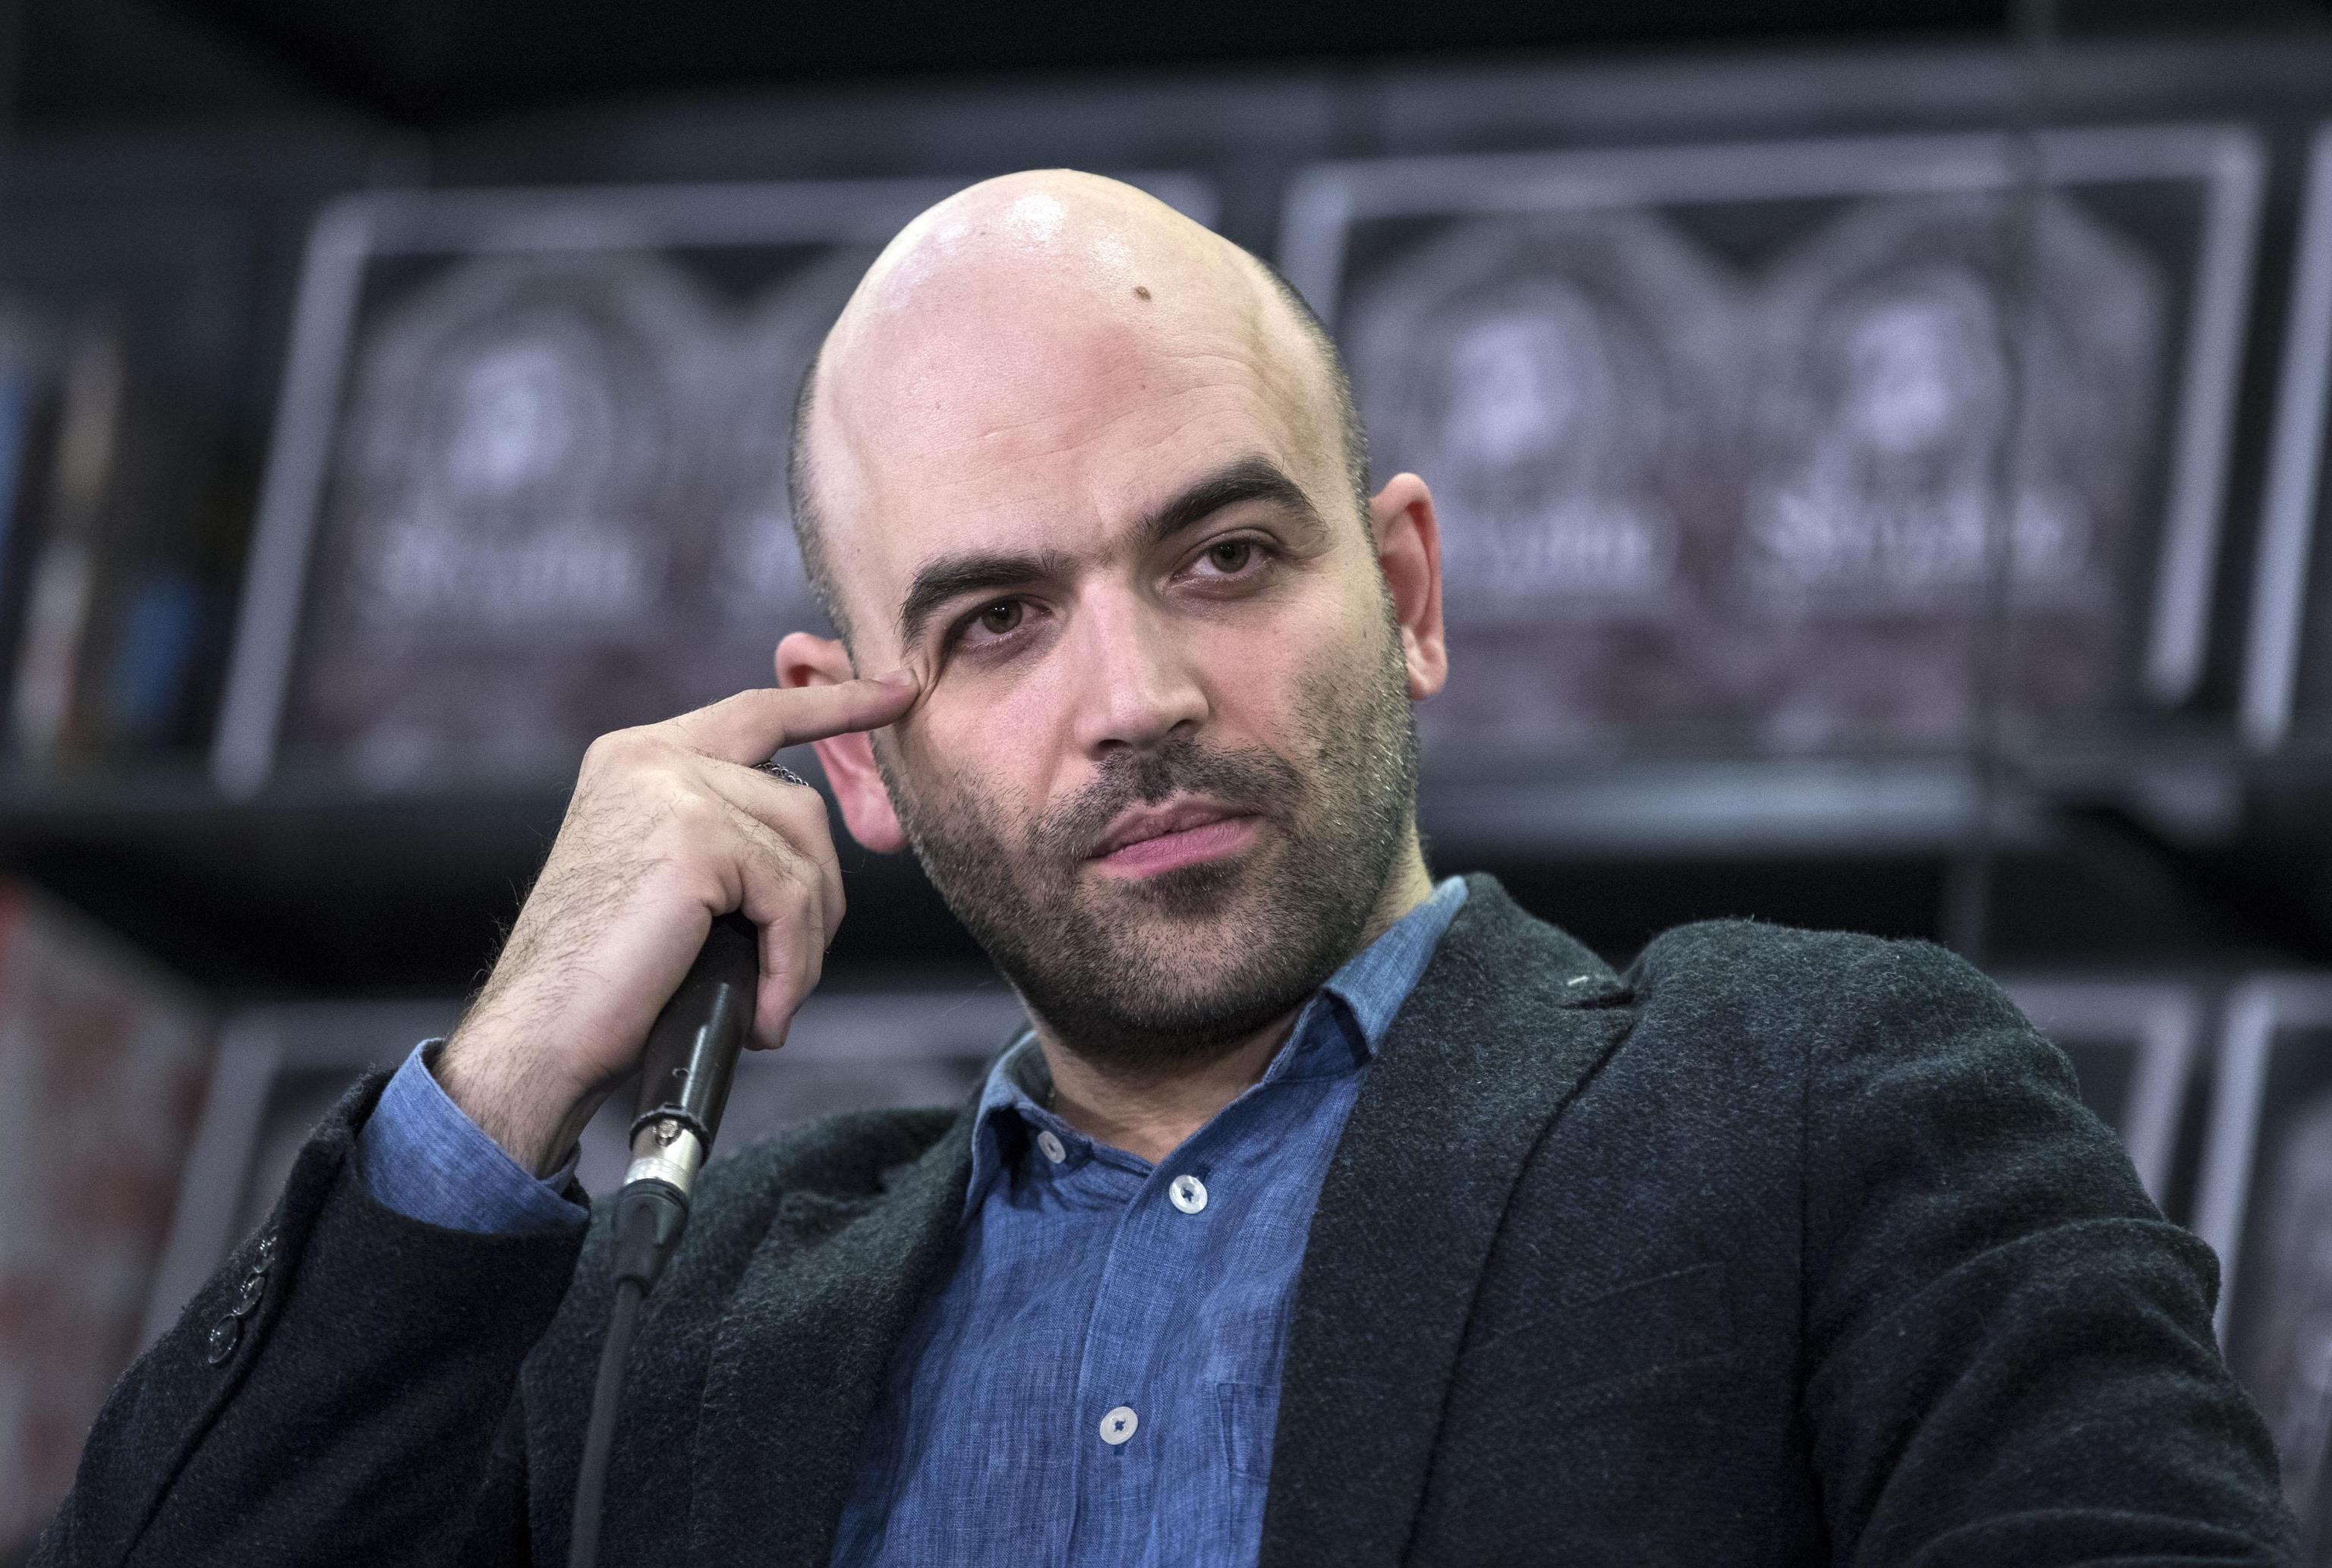 Di Maio candidato premier, Roberto Saviano lo provoca: 'Mi candido'